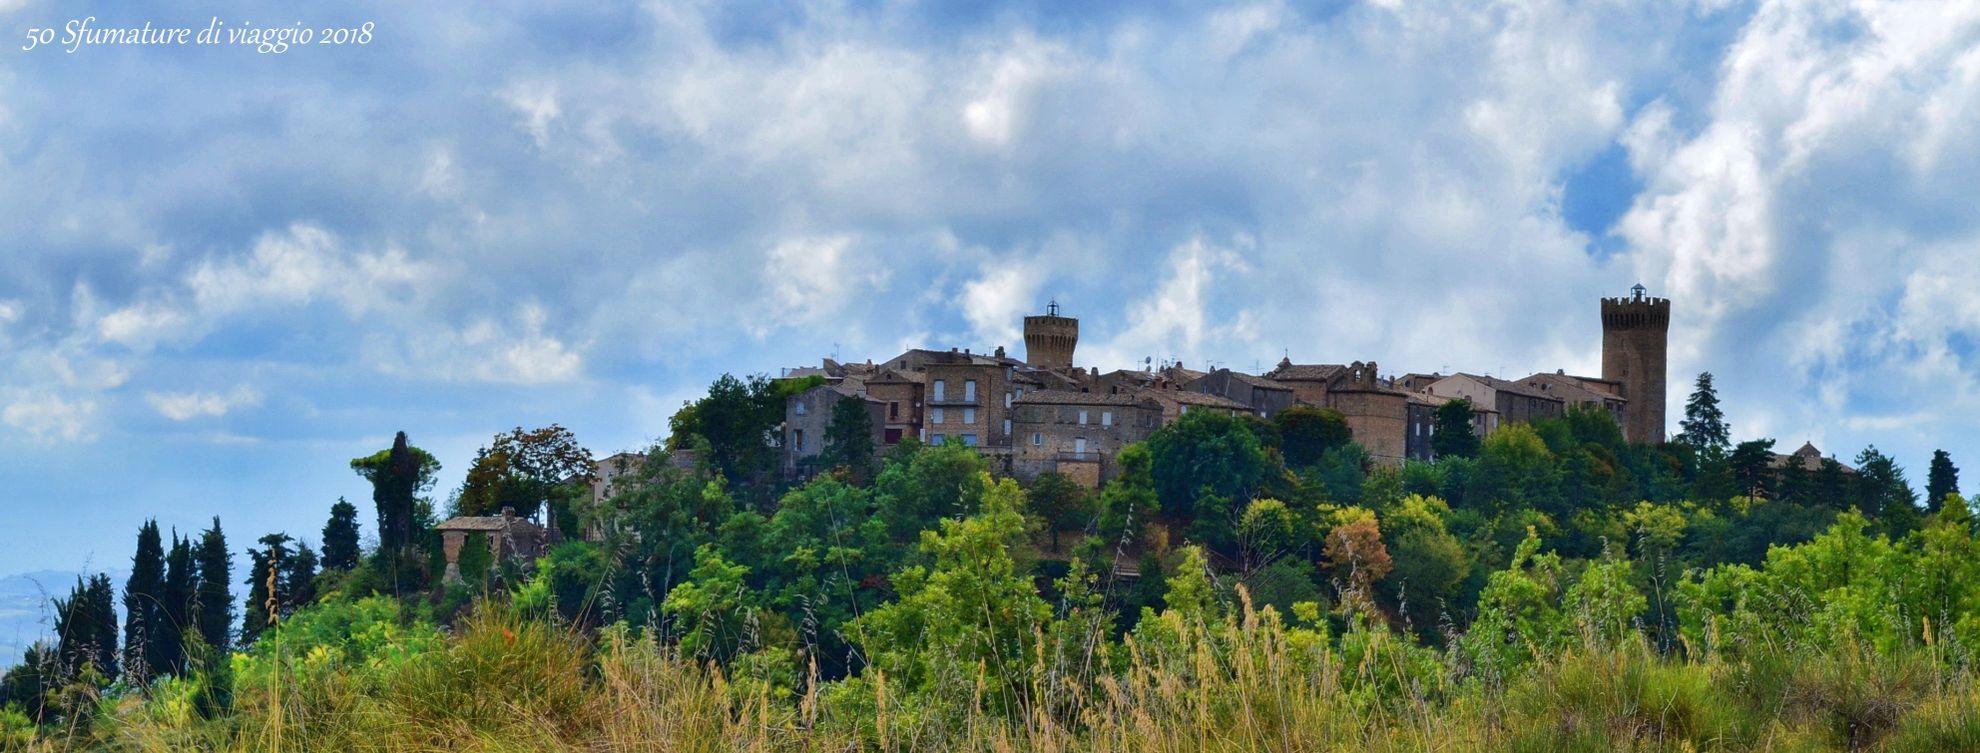 il borgo di moresco, castello di moresco marche